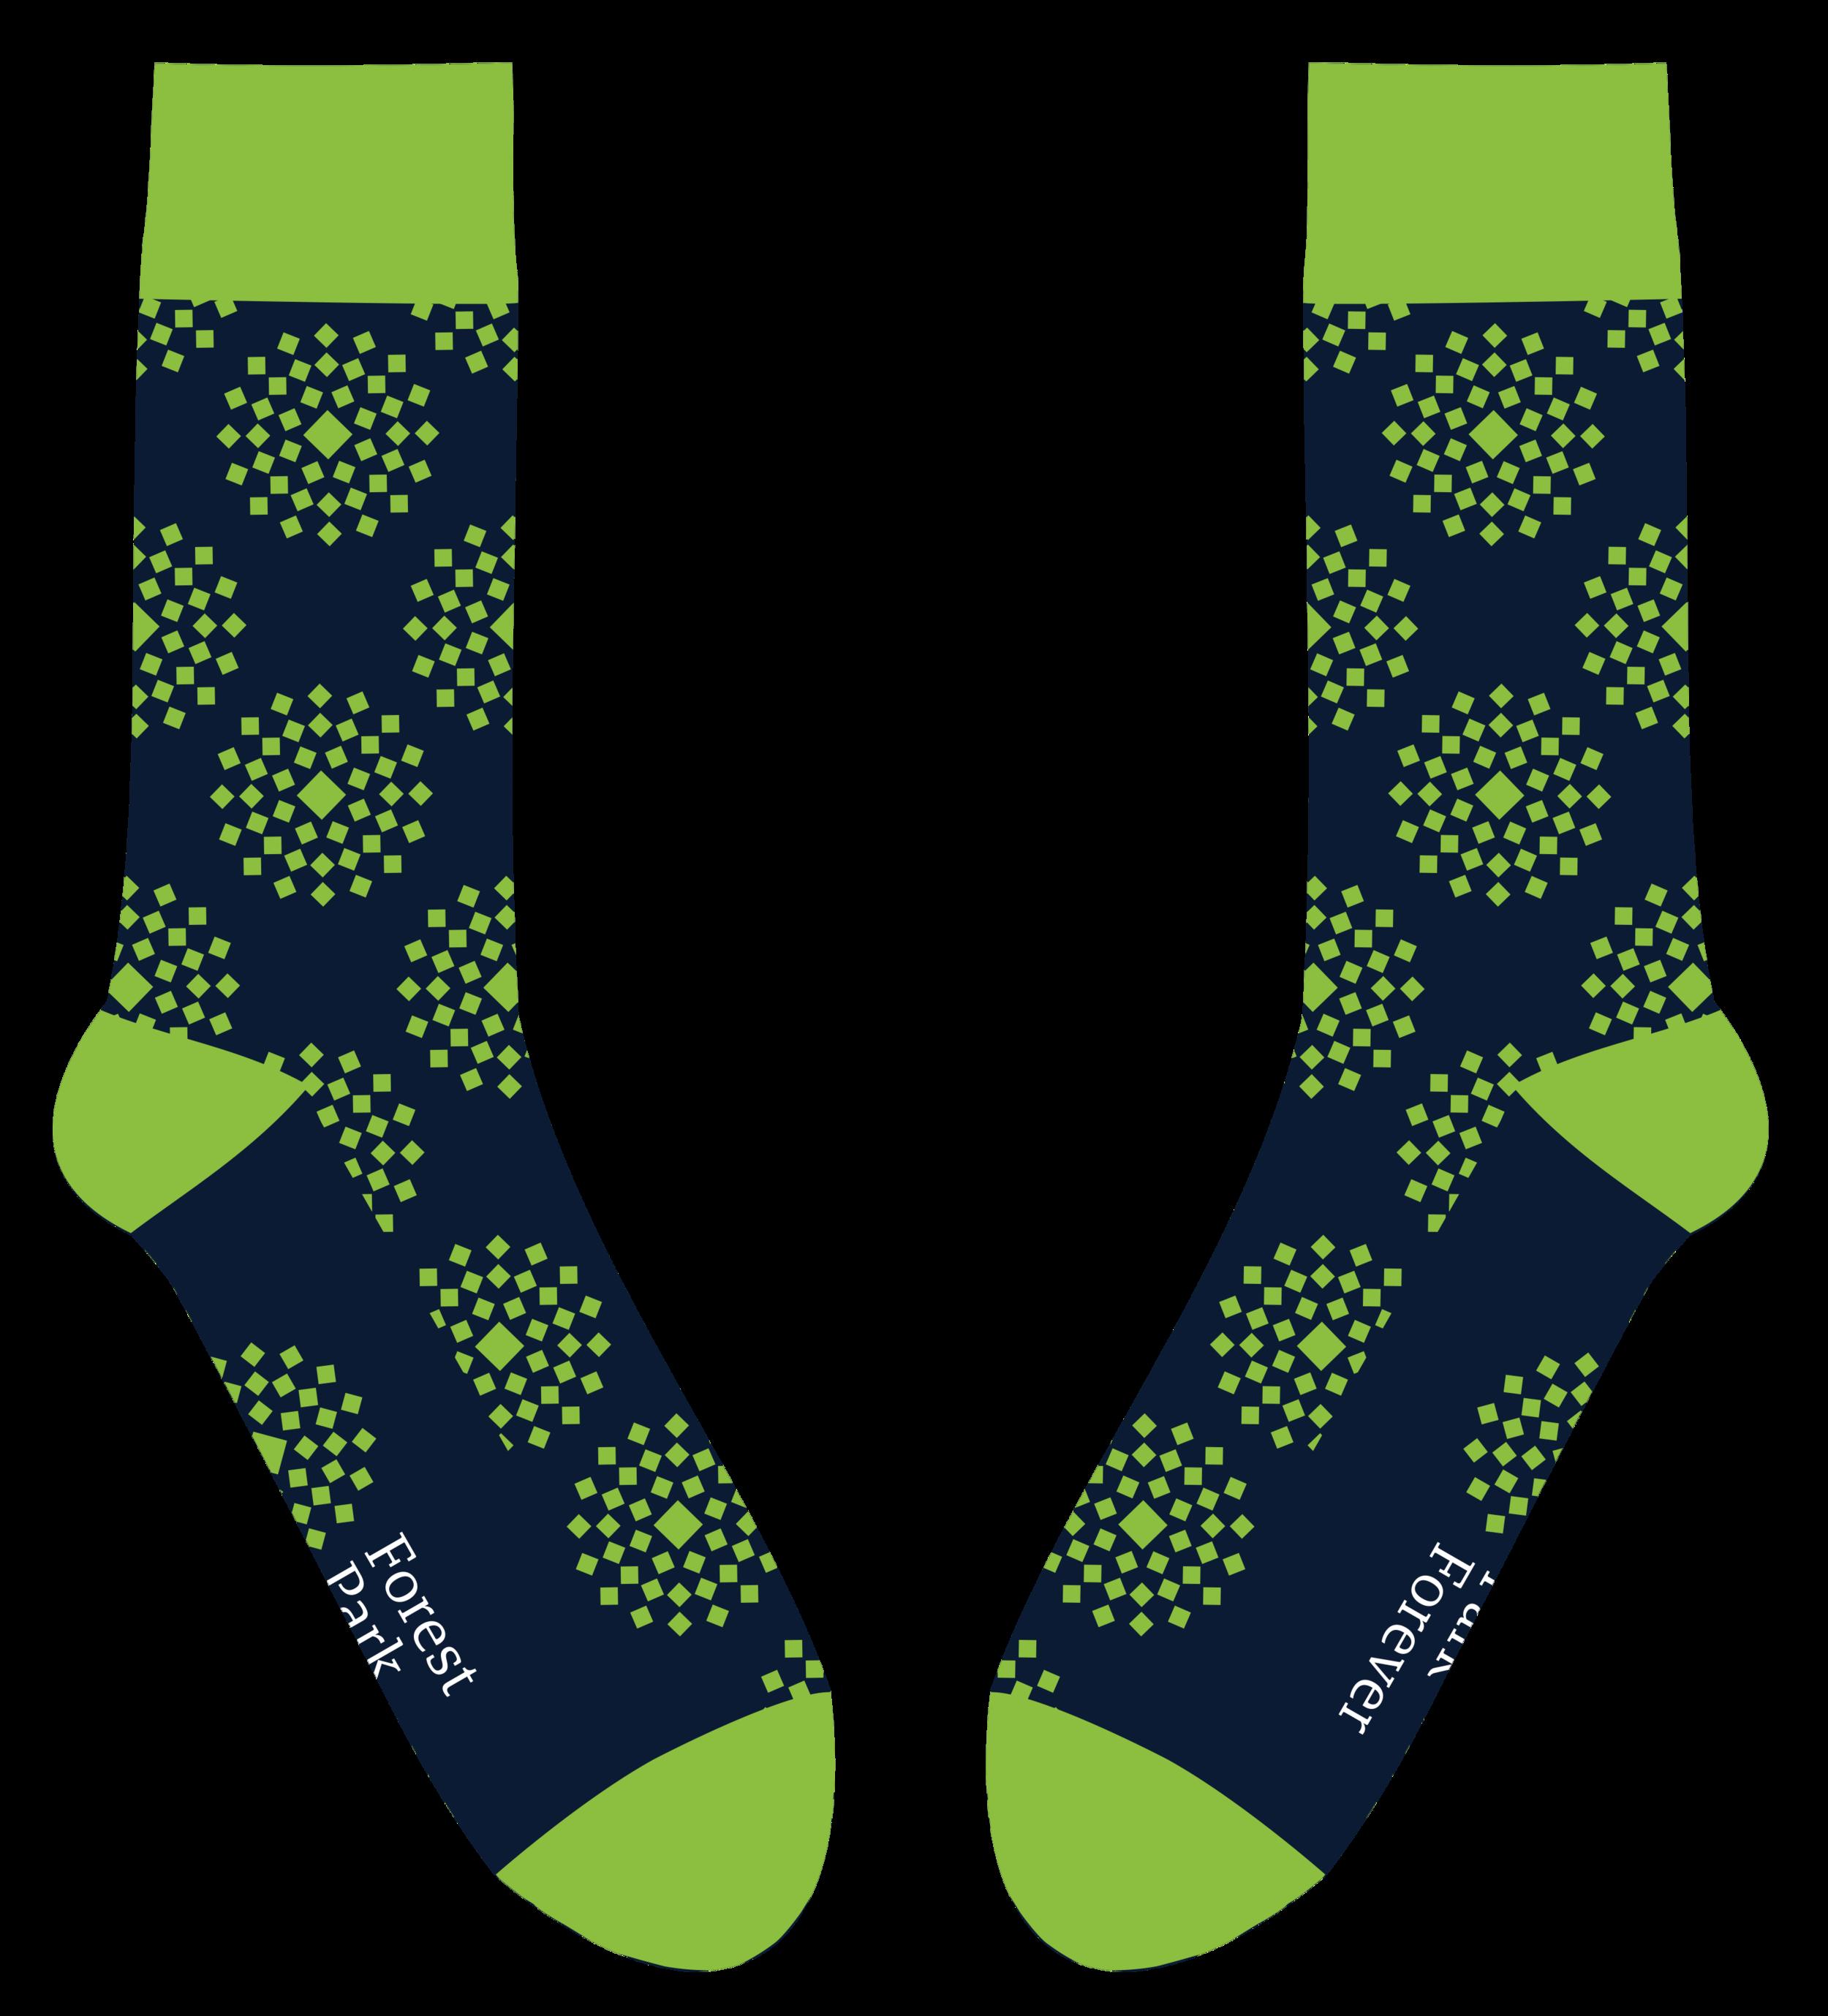 Park Trustee Gift: Socks